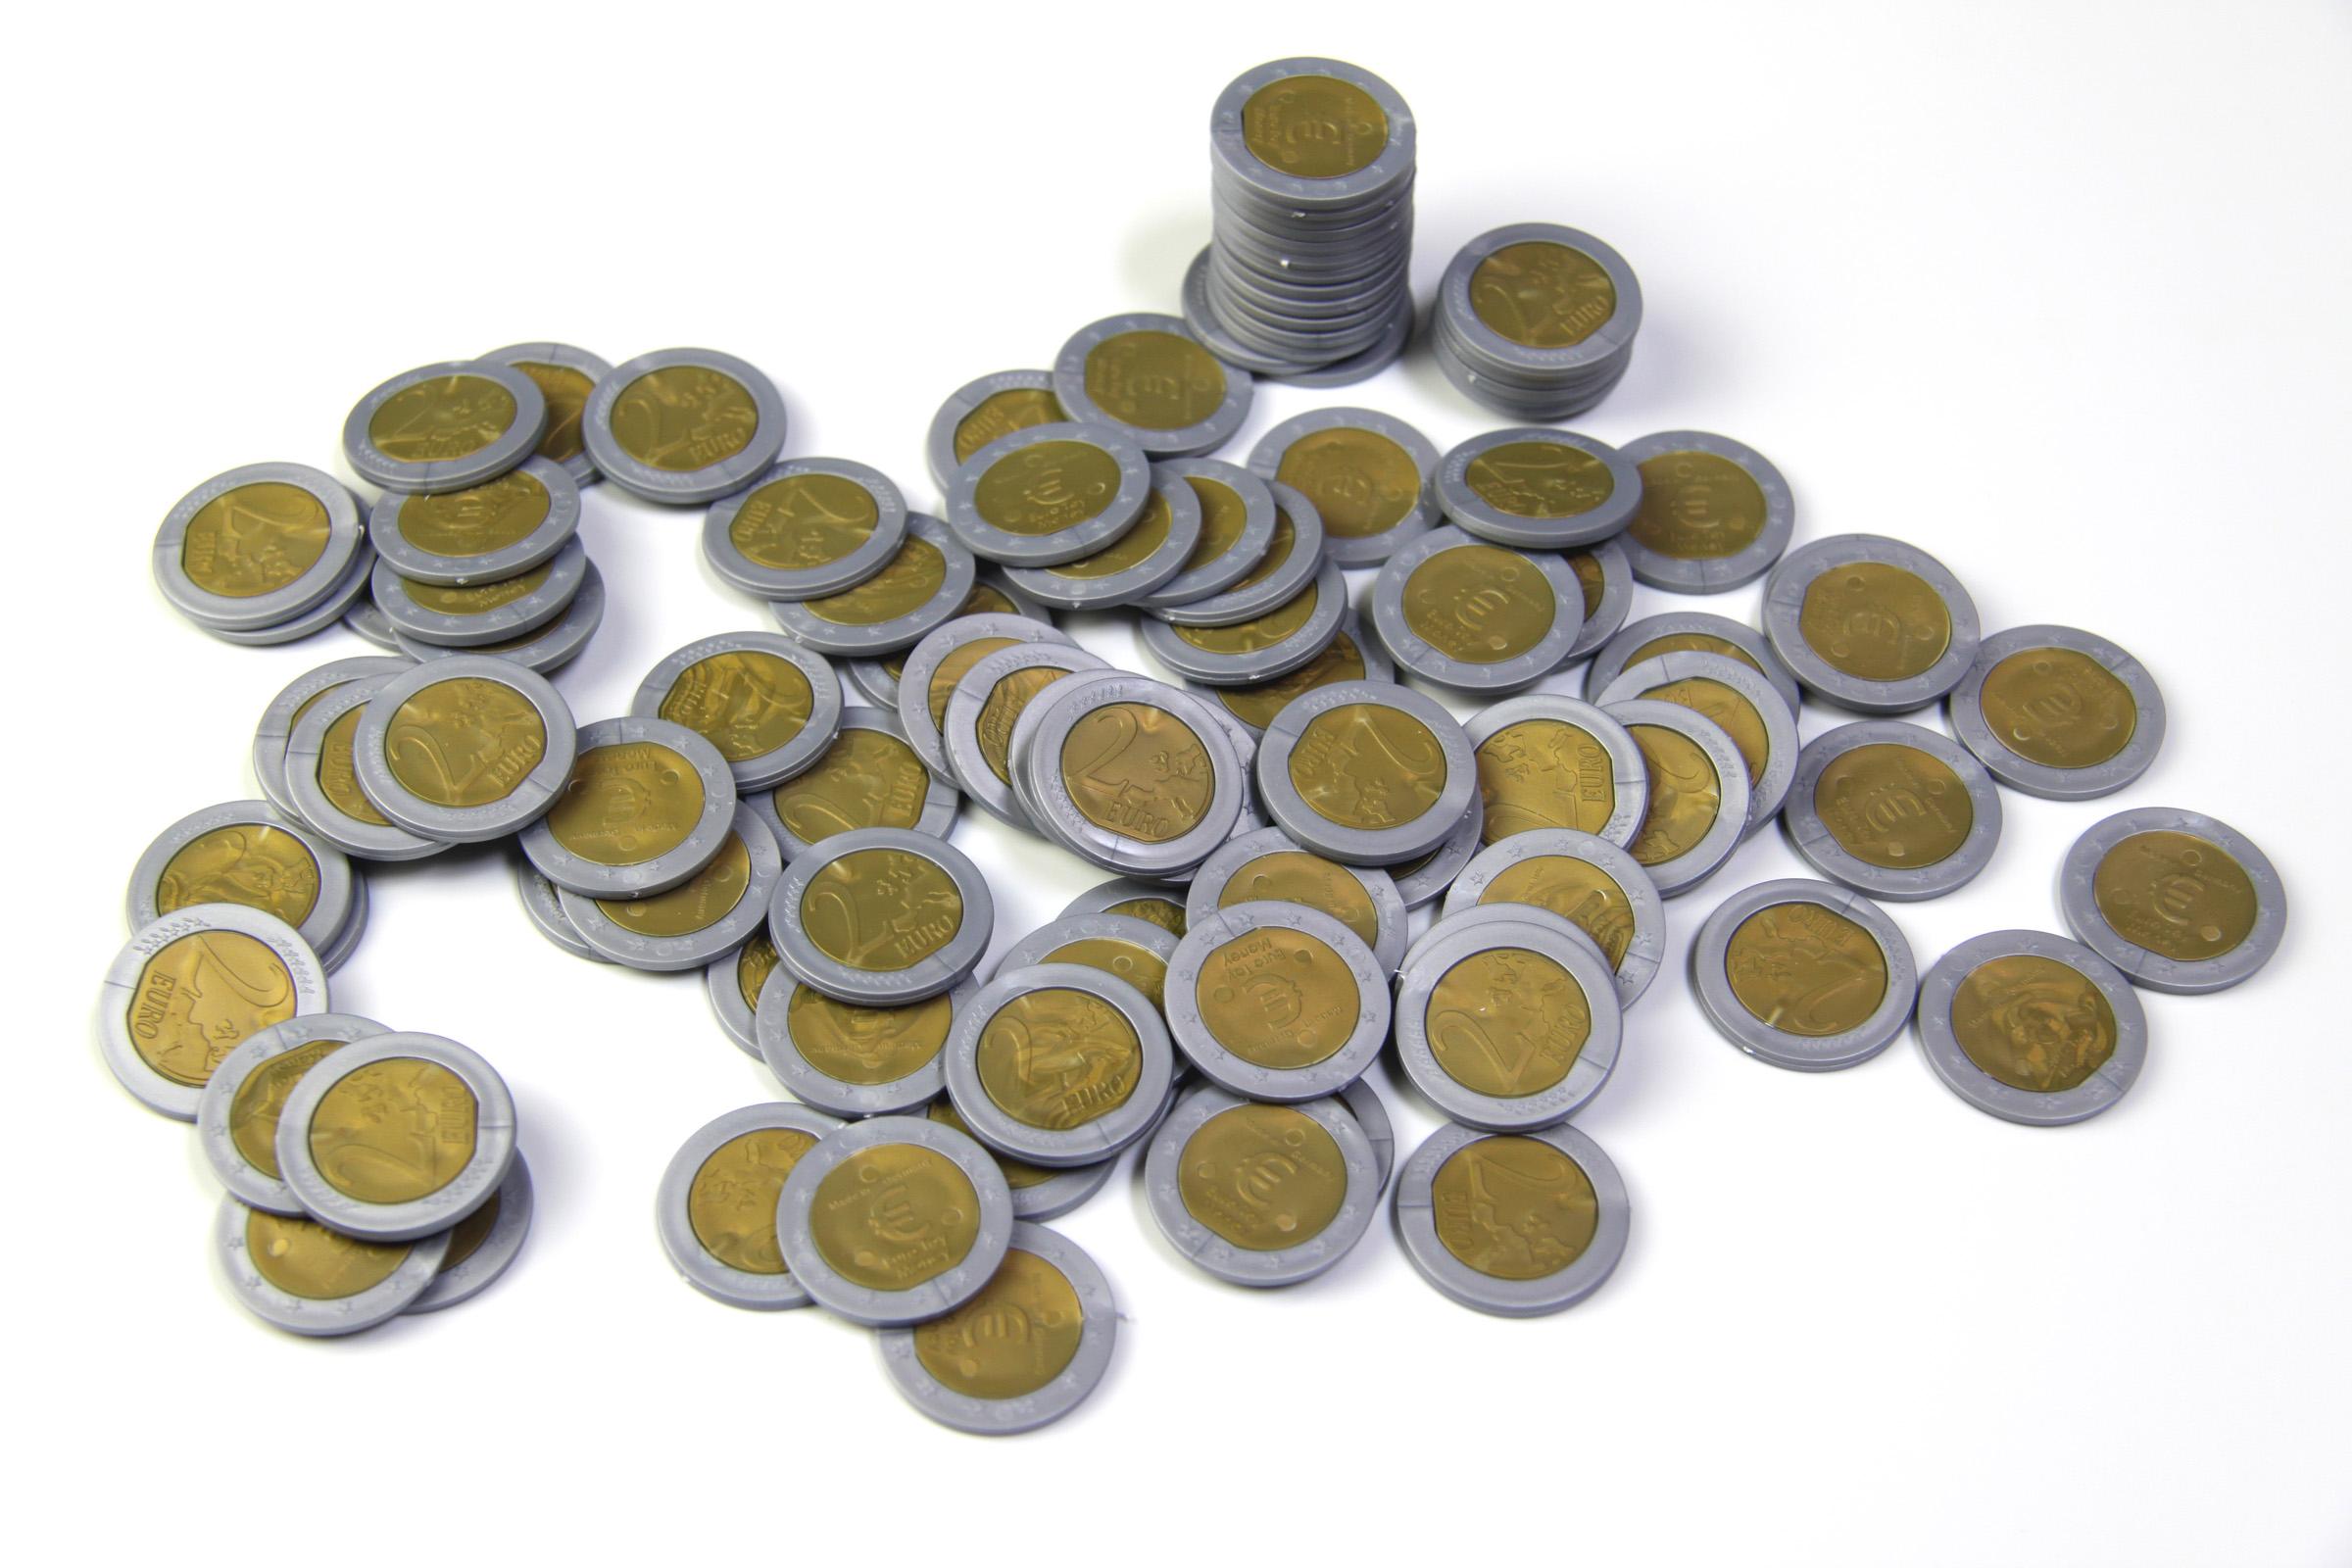 Geld Euro Münzen Spielgeld 2 Euro Von Wissner Aktiv Lernen